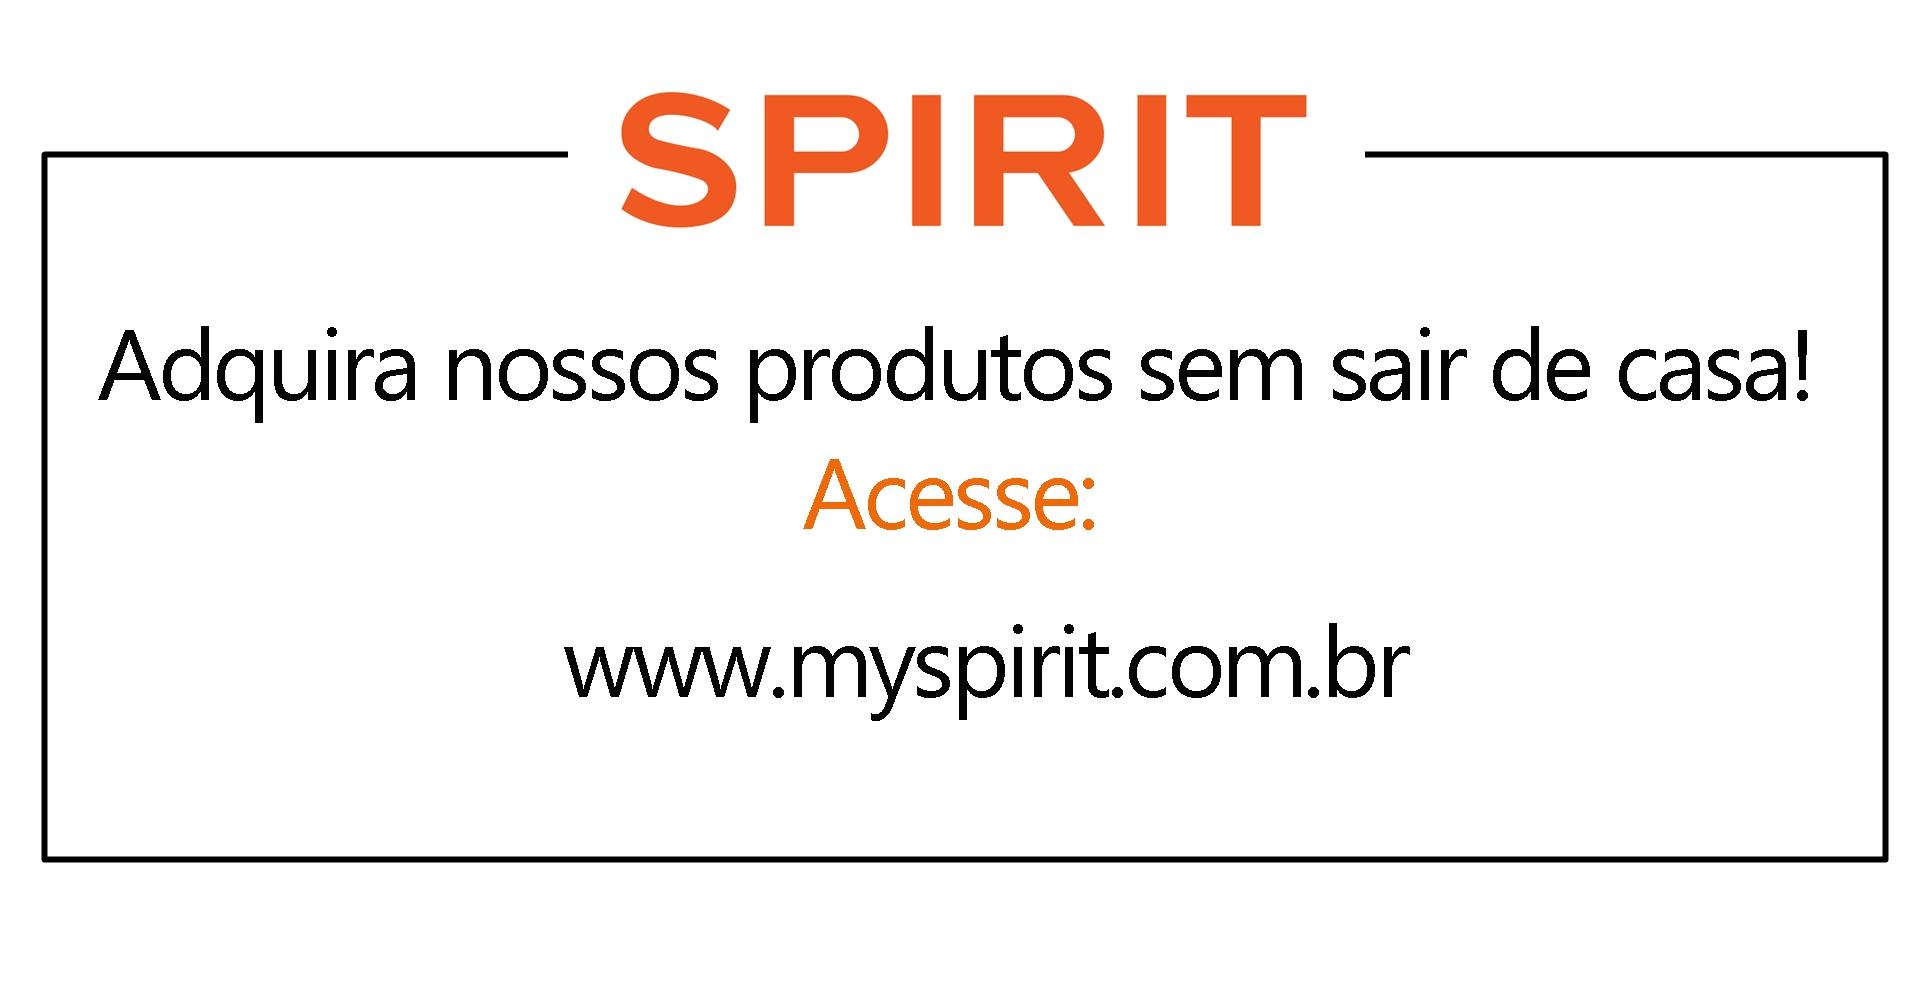 Ventilador de teto Spirit - Blog Myspirit - banner site Spirit - ventilador de teto ou ventilador de mesa